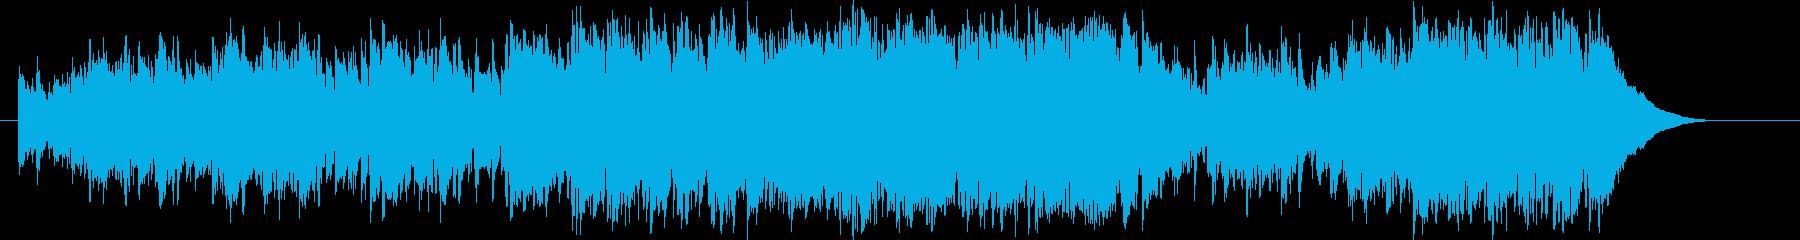 軽快なストロークが爽やかなアコギ曲の再生済みの波形